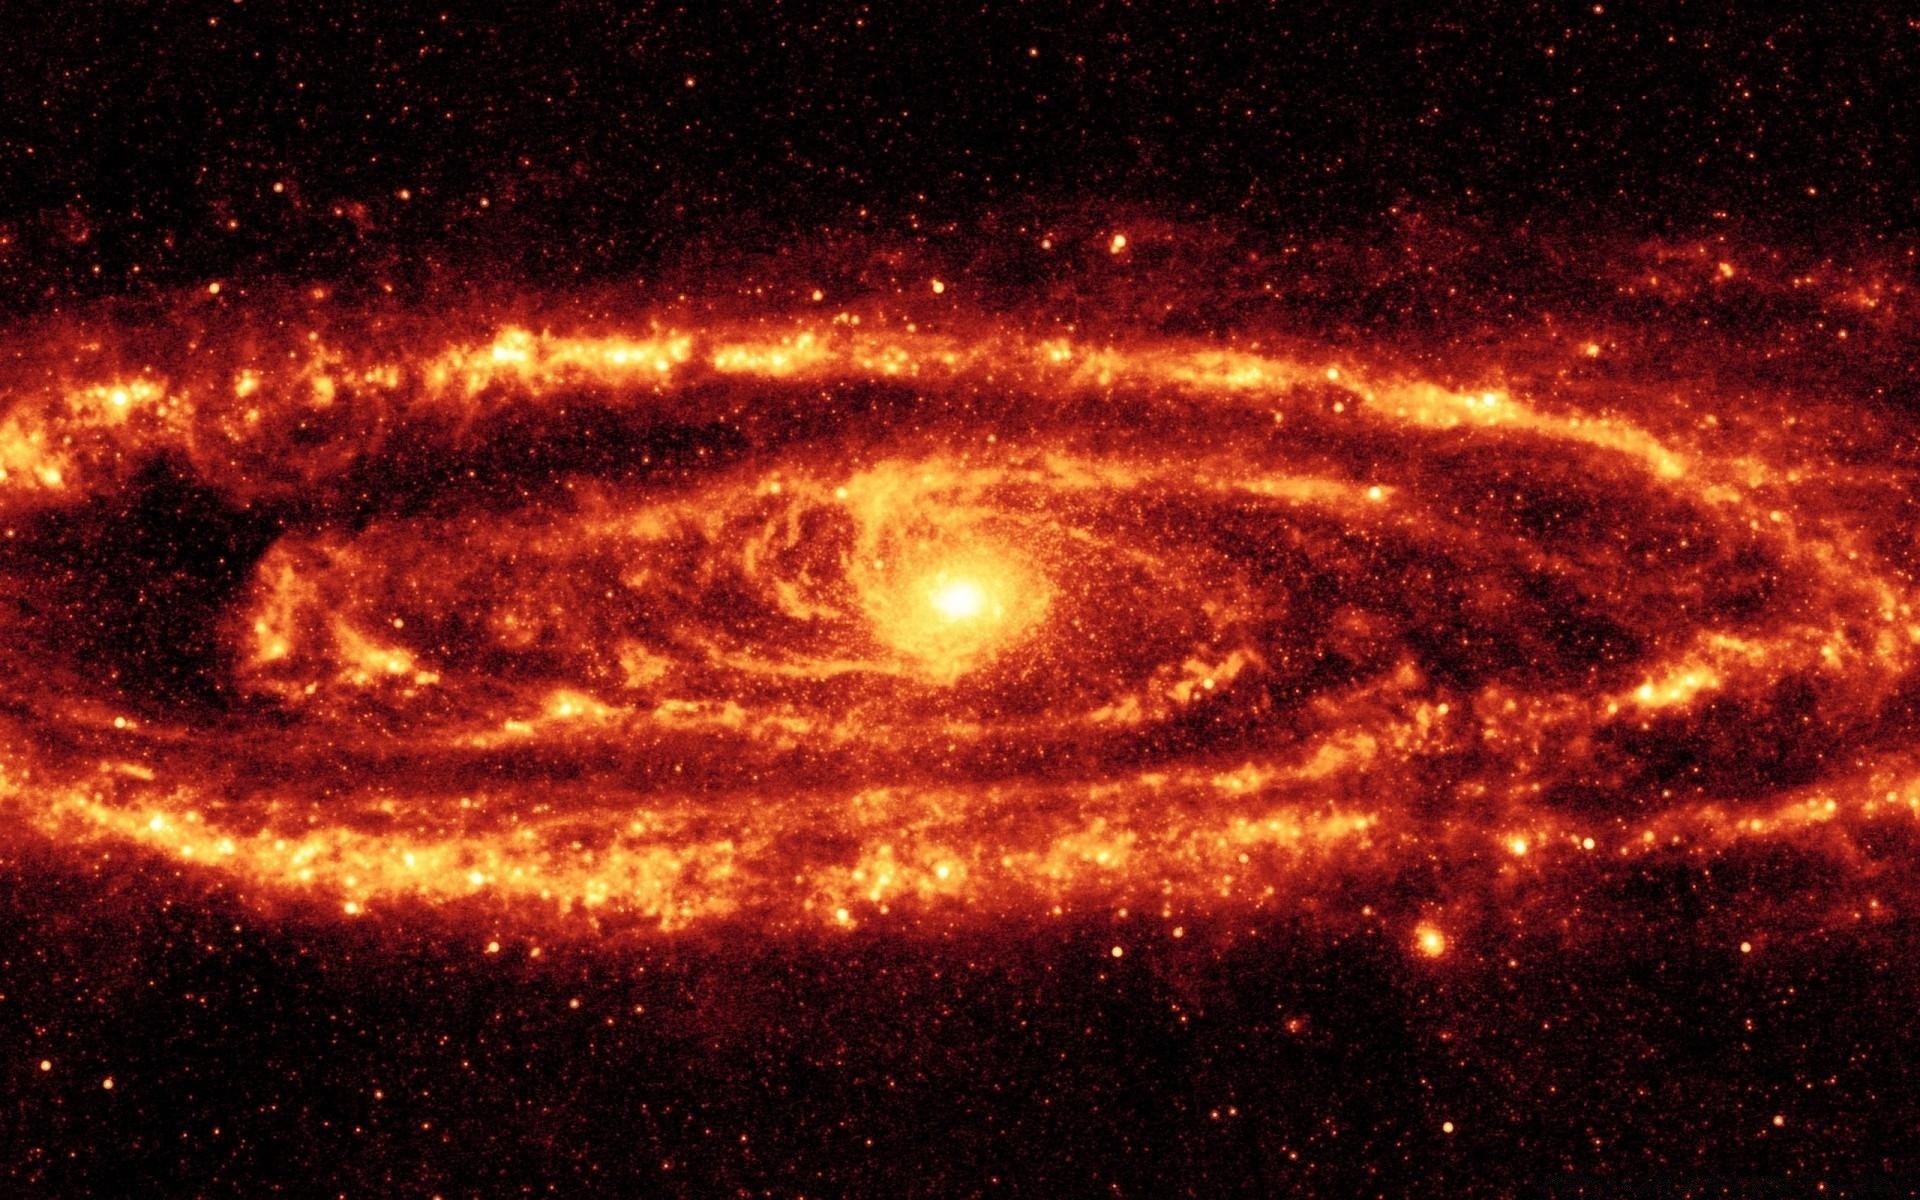 домов испанском картинки солнечной галактики кабинки можно